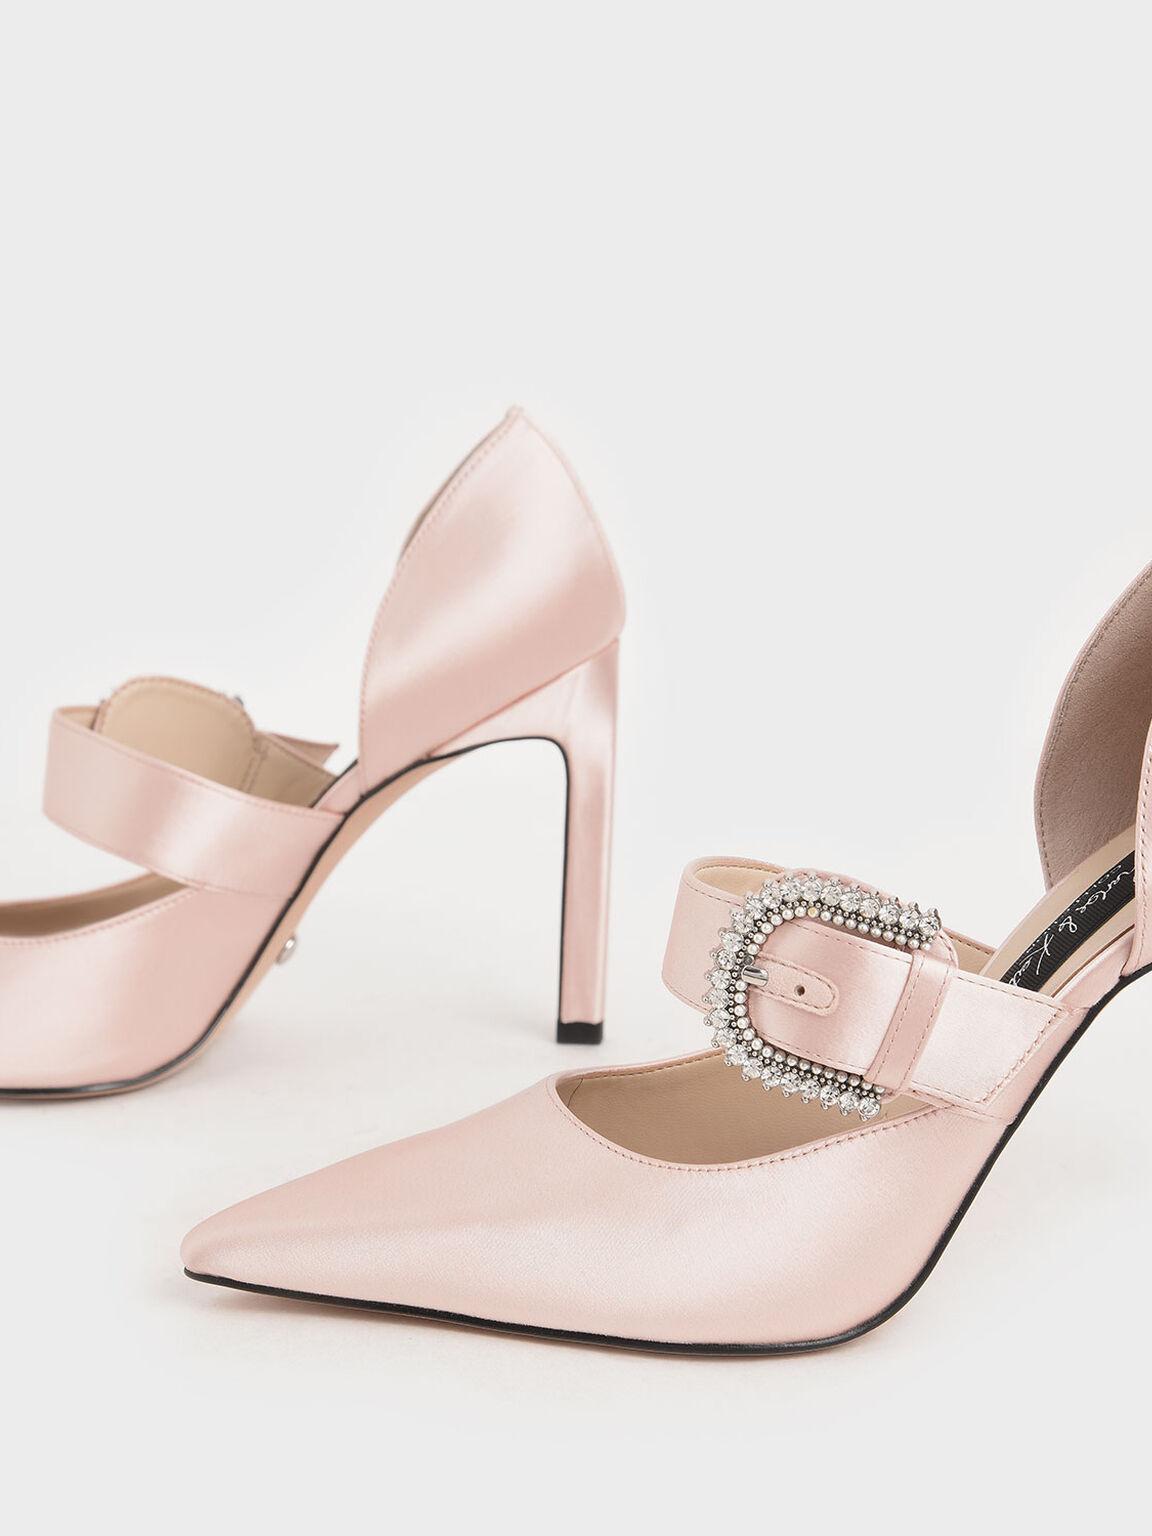 Wedding Collection: Satin Embellished-Buckle Pumps, Pink, hi-res